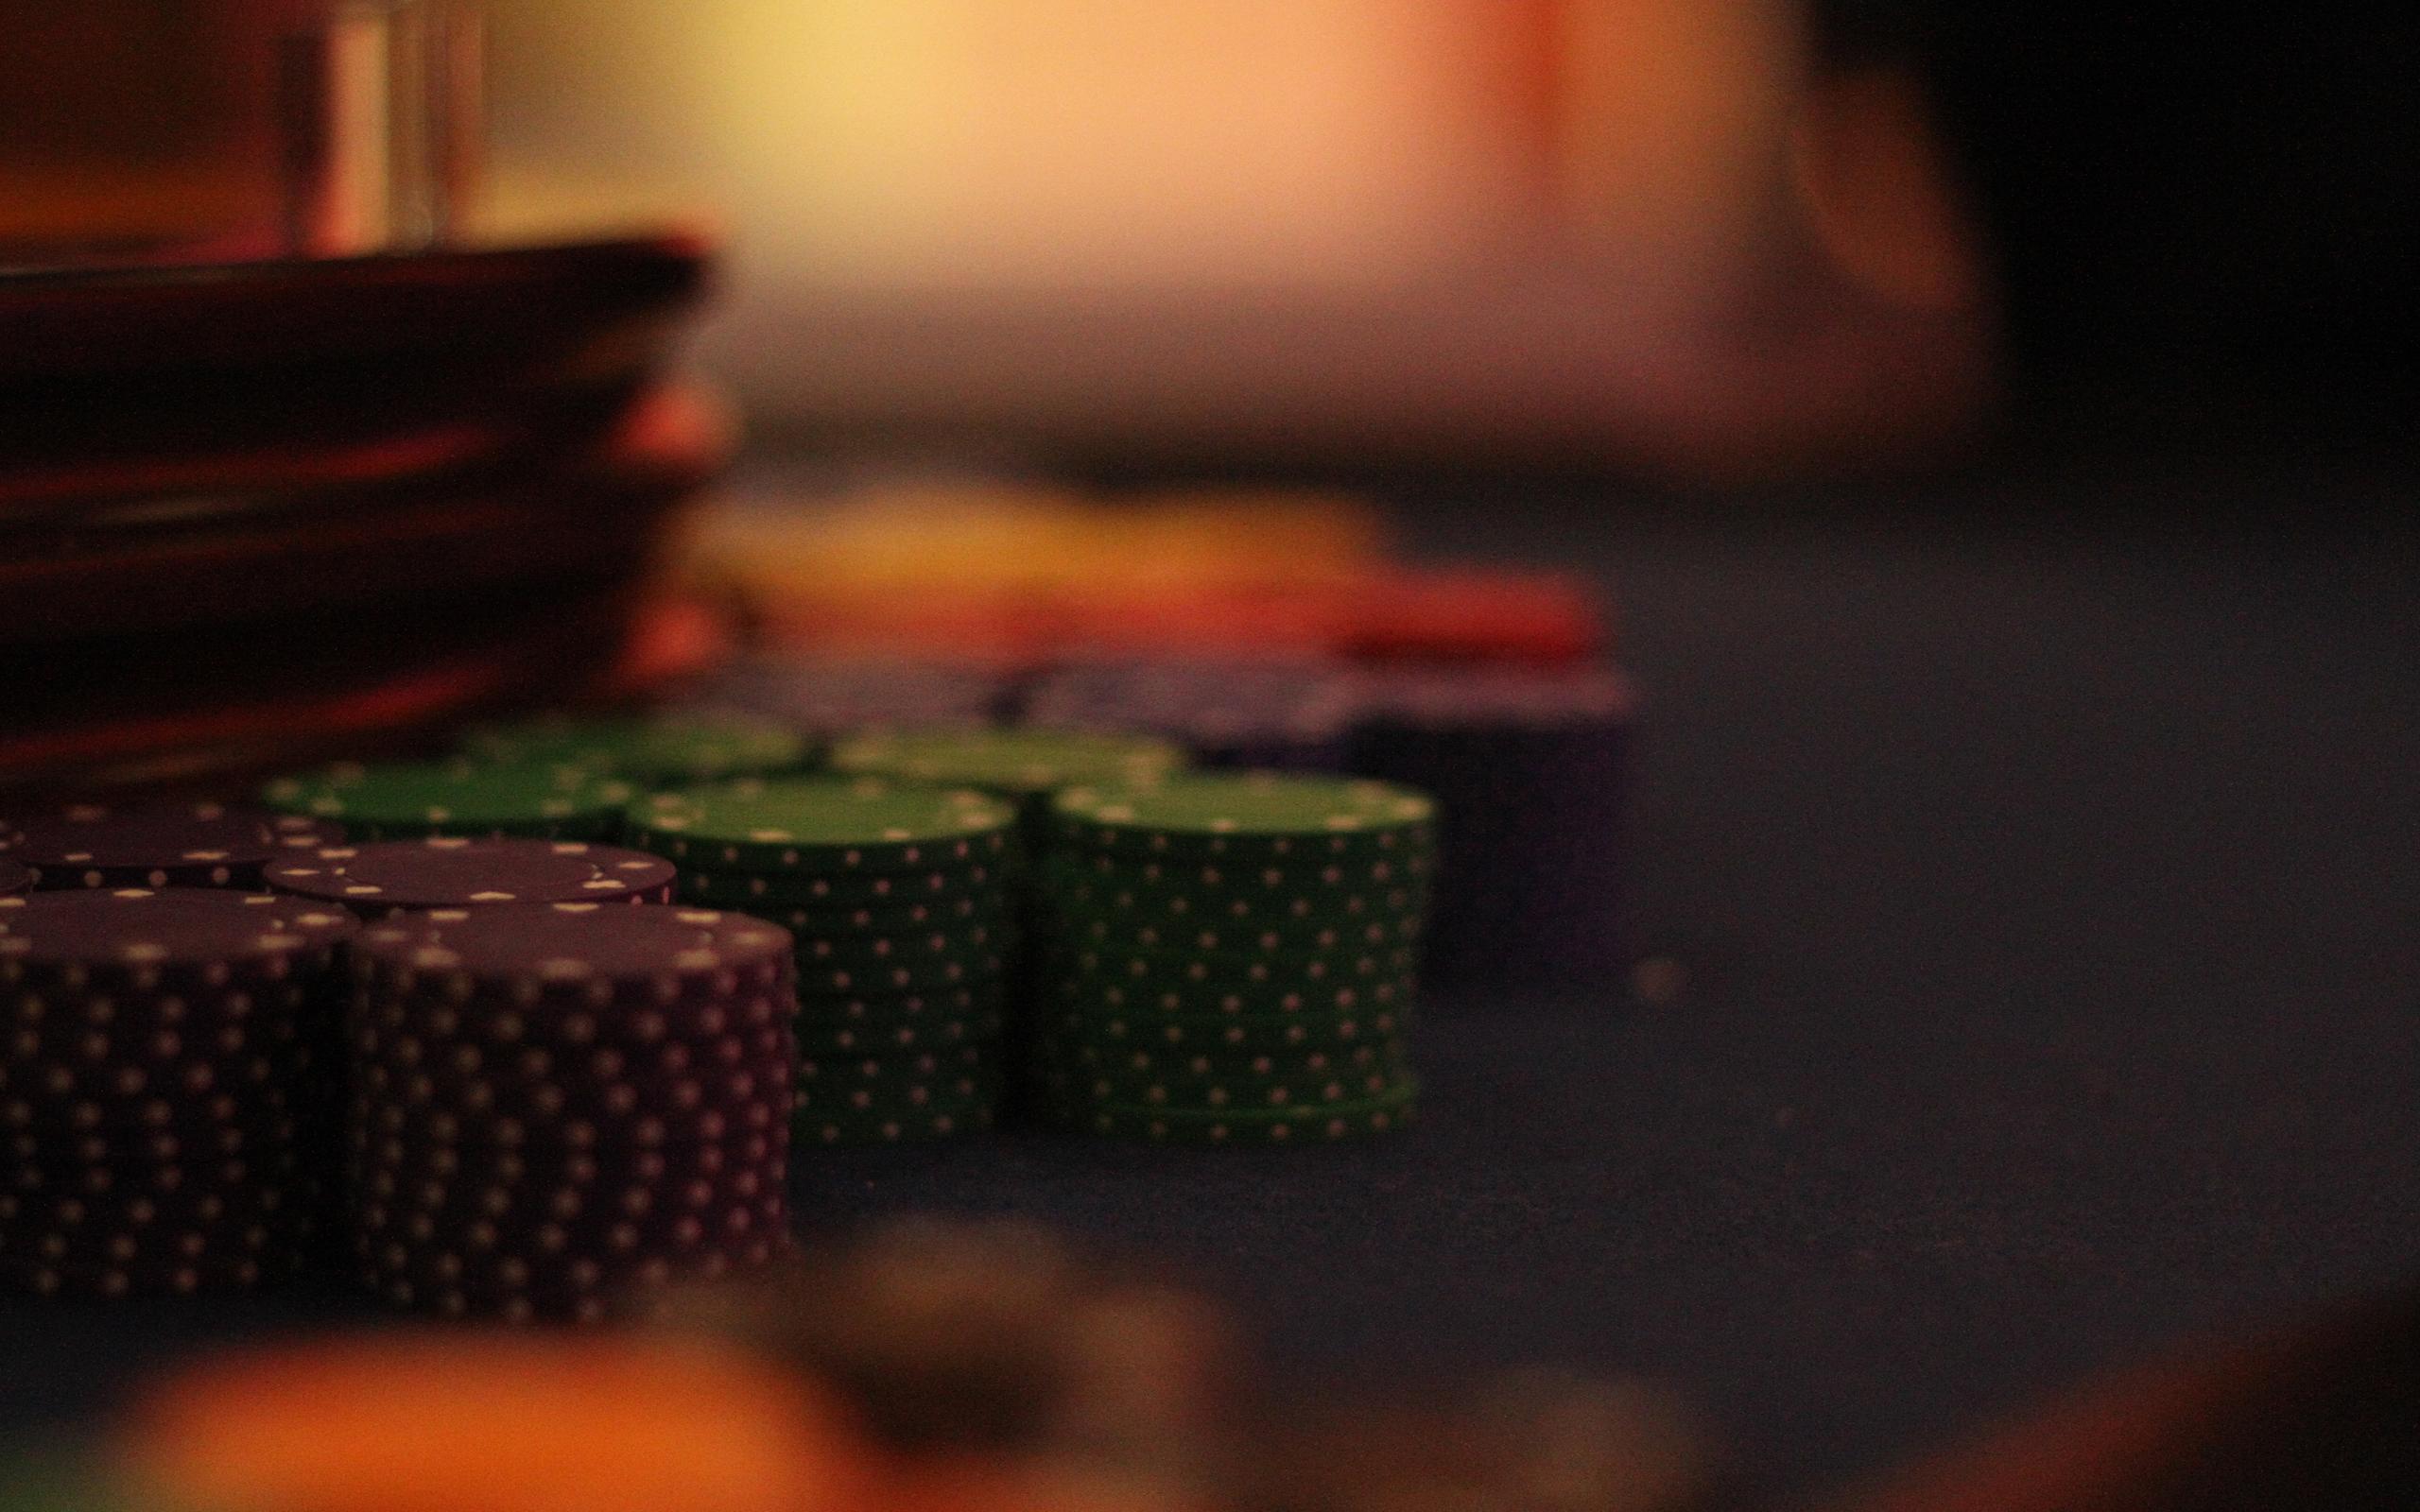 black 13 roulette wheel